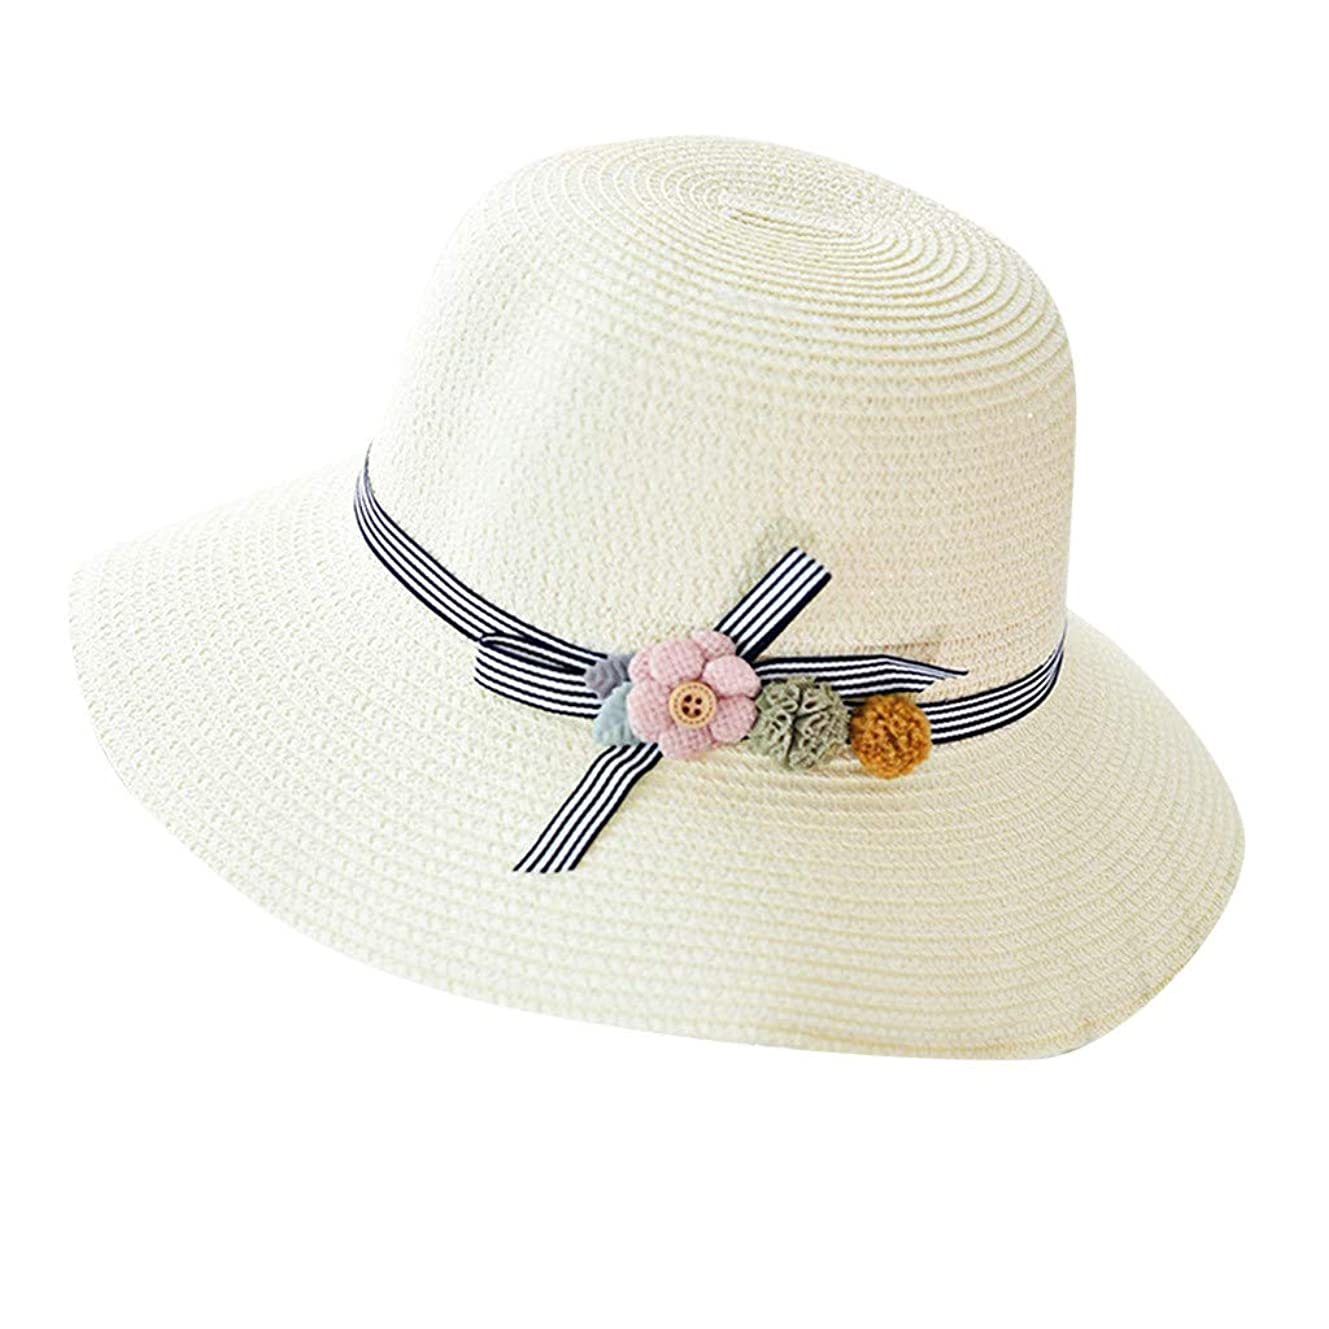 乱闘加害者気をつけて漁師帽 夏 帽子 レディース UVカット 帽子 ハット レディース 紫外線対策 日焼け防止 つば広 日焼け 旅行用 日よけ 夏季 折りたたみ 森ガール ビーチ 海辺 帽子 ハット レディース 花 ROSE ROMAN